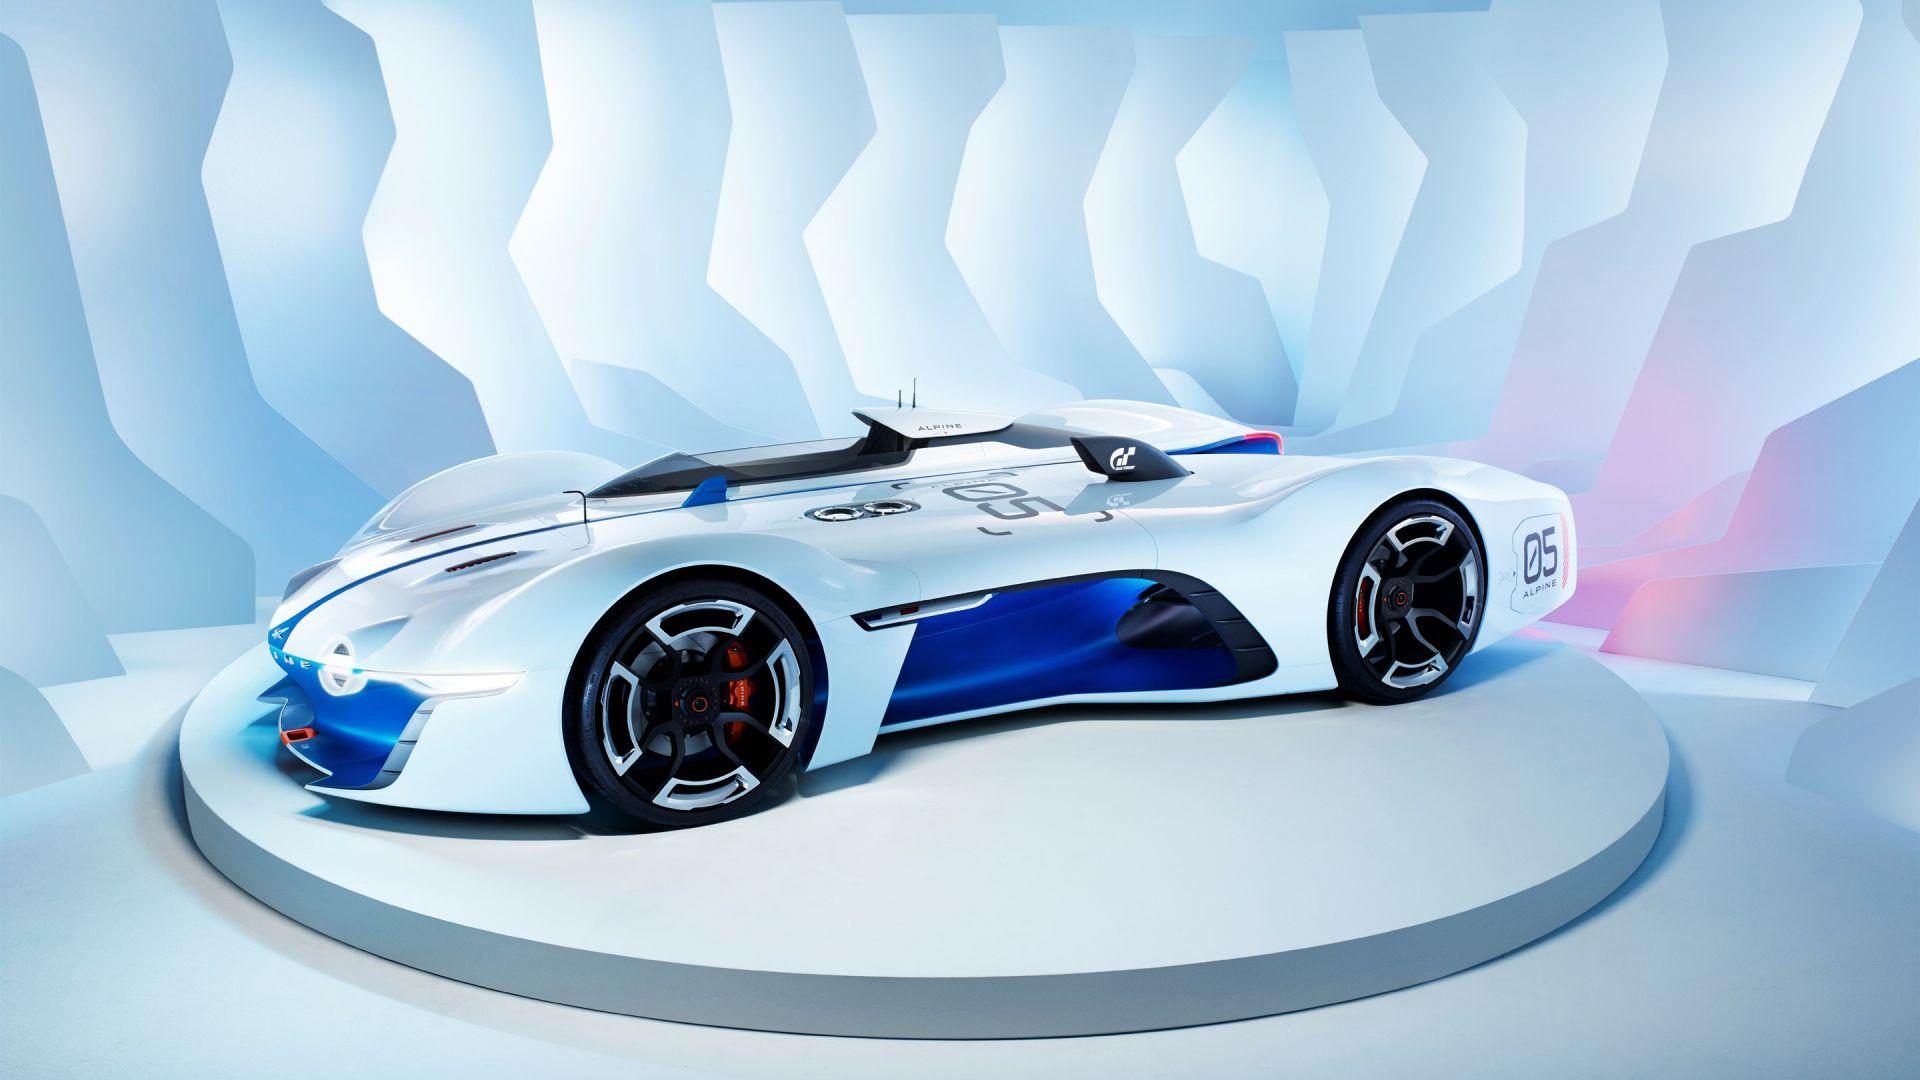 Wallpaper Renault Alpine Vision Gran Turismo Gran